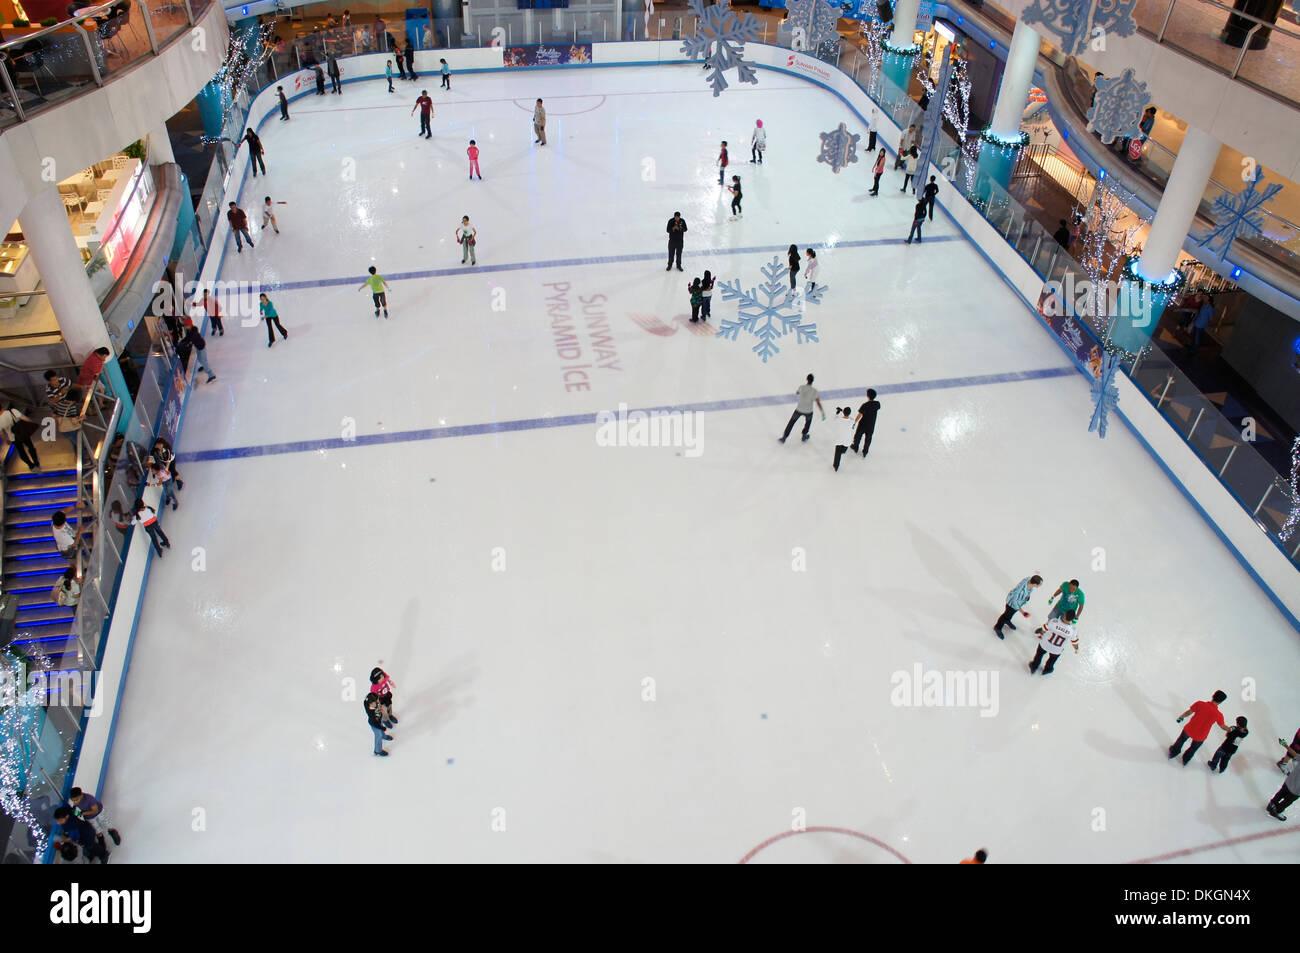 Roller skating rink jakarta - Indoor Ice Skating Rink At Sunway Pyramid Shopping Mall Malaysia Stock Image